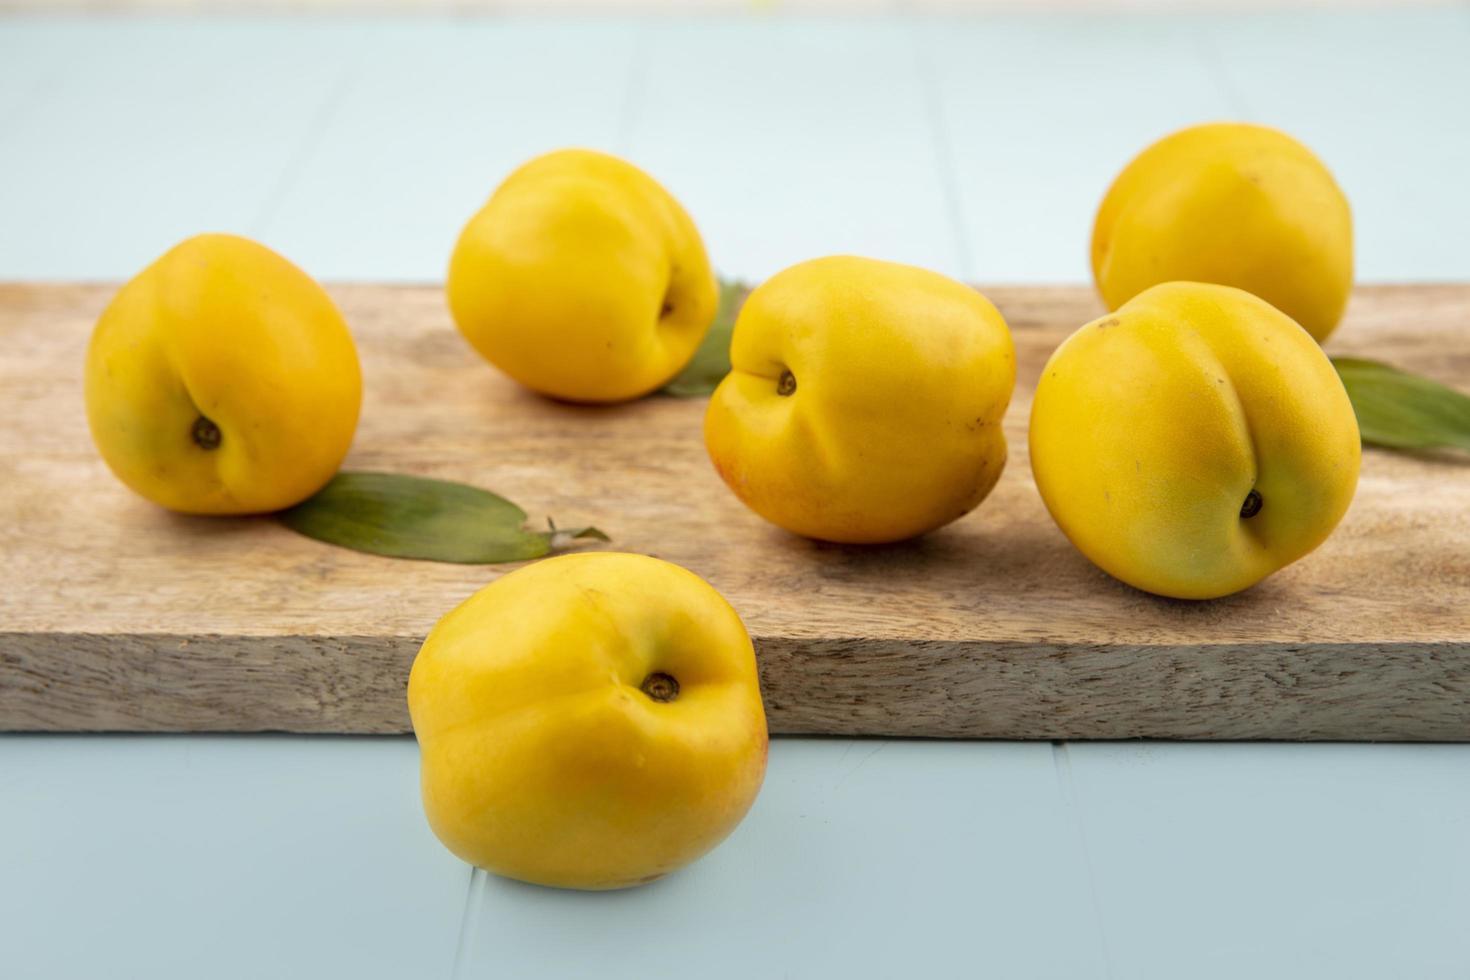 zijaanzicht van verse heerlijke gele perziken foto